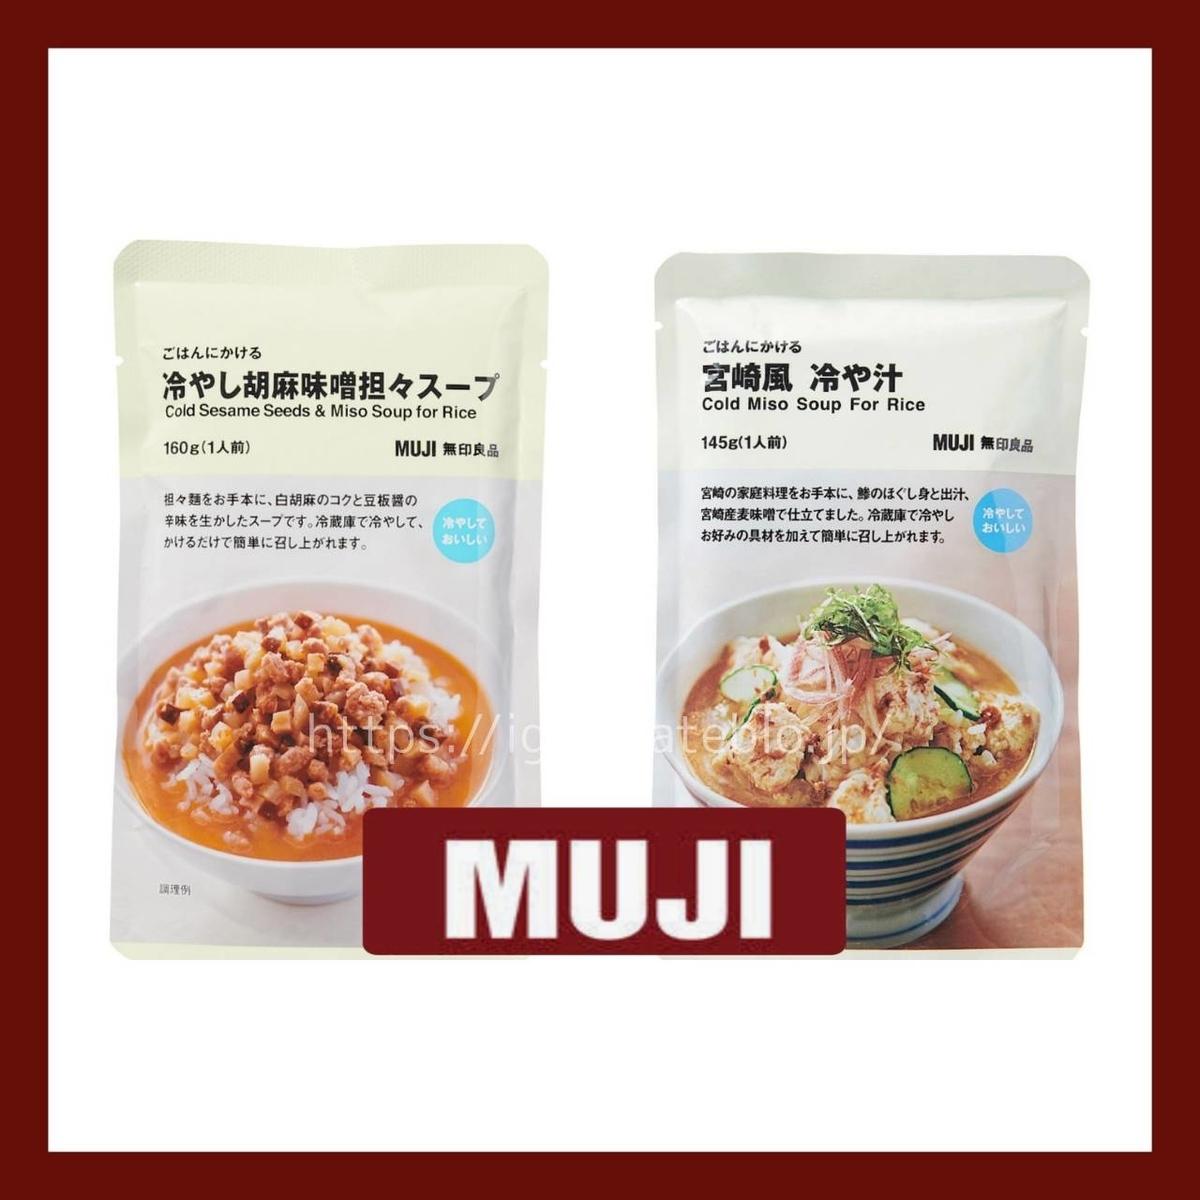 無印「冷やし胡麻味噌担々スープ」と「宮崎風 冷や汁」口コミレビュー